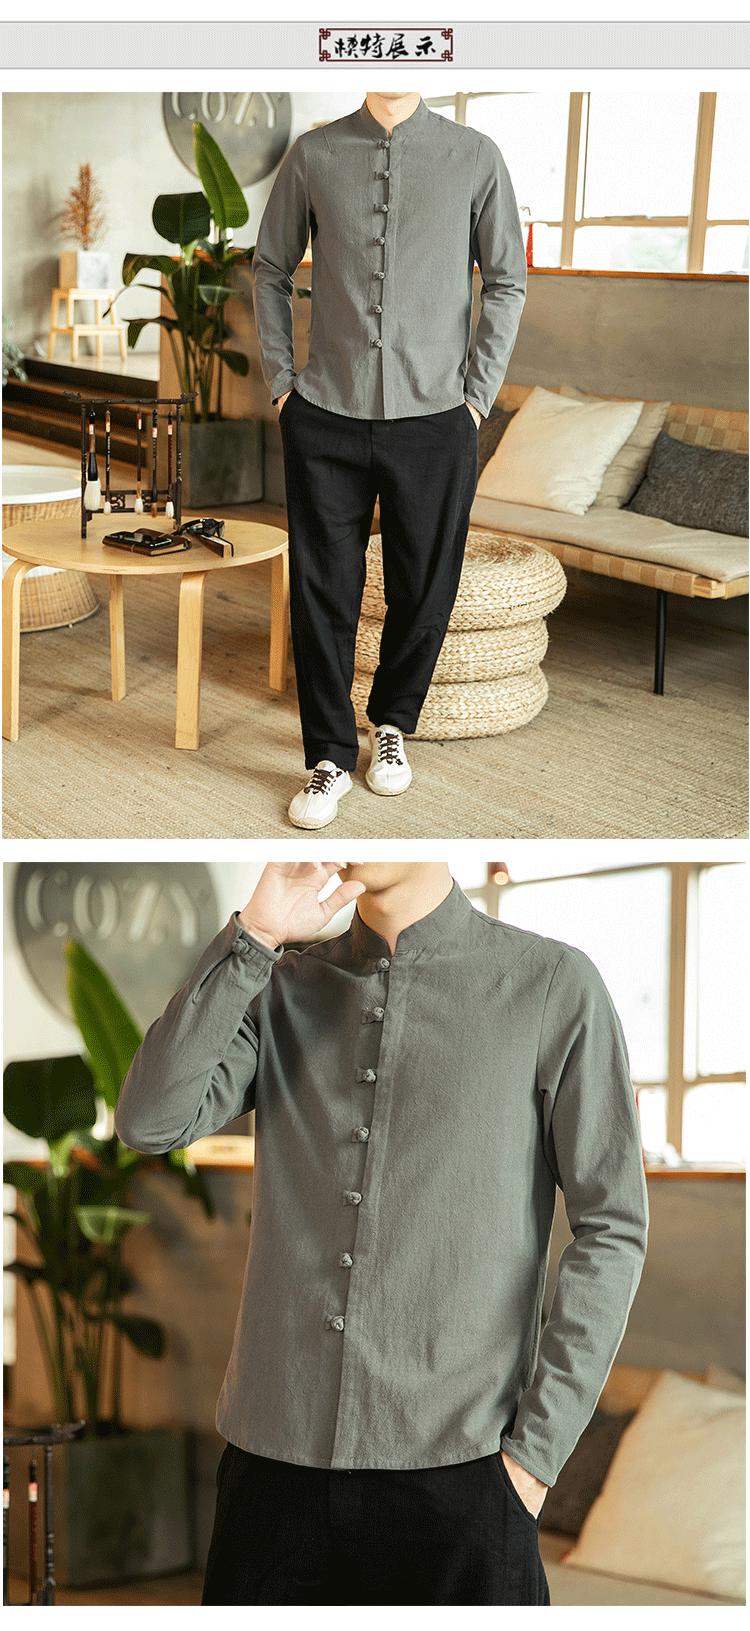 中国风春季盘扣大码长袖衬衫男士中式古装男装衬衣6023-CS87-P35